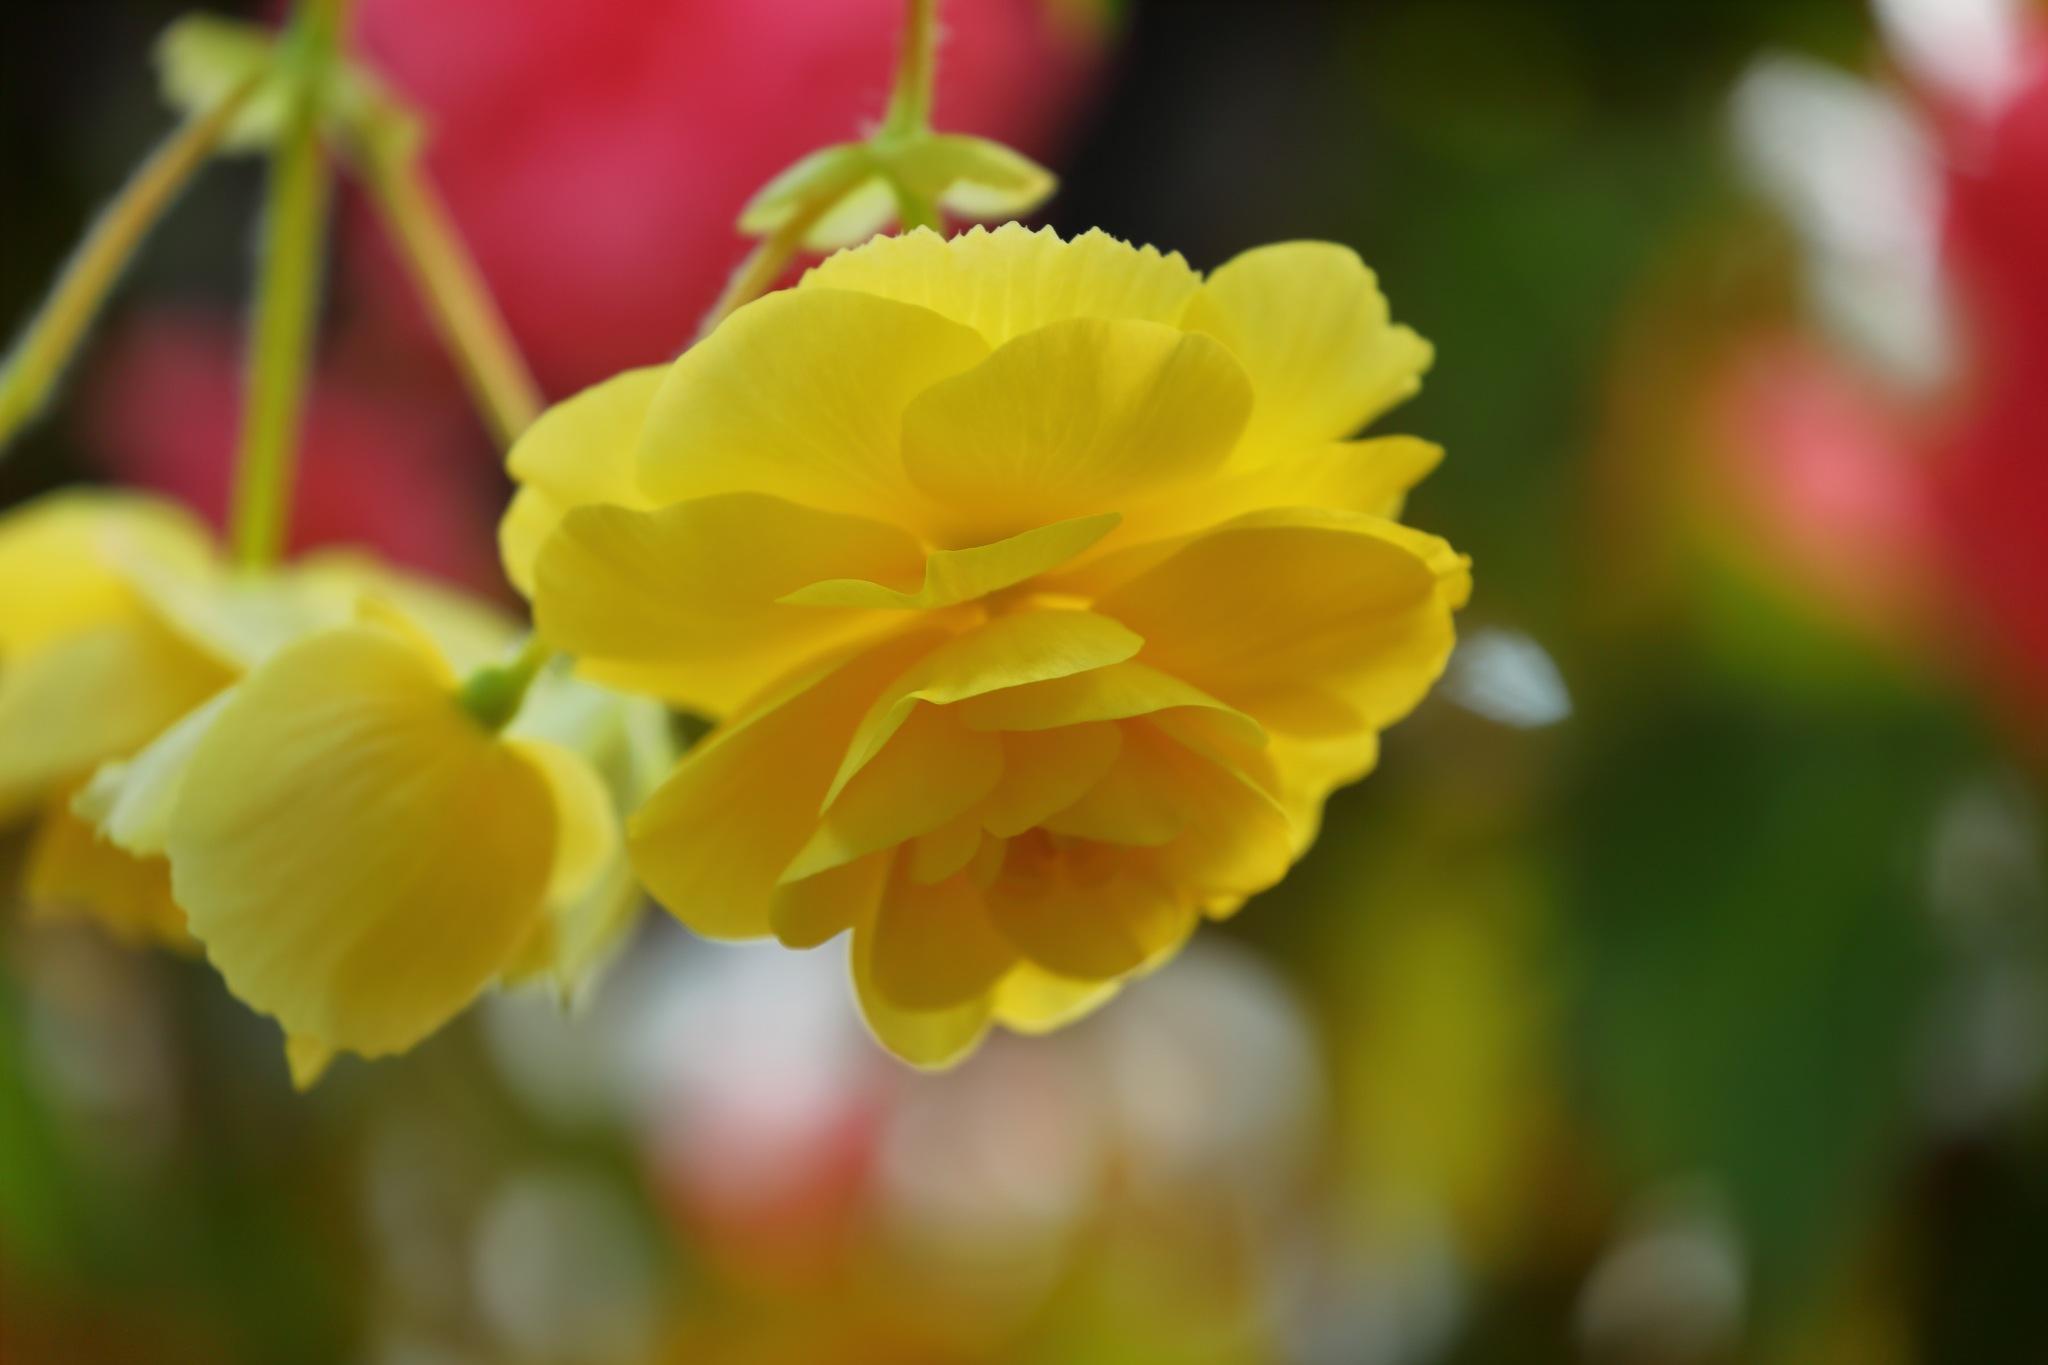 Suspended Begonia by takashi.mizoguchi